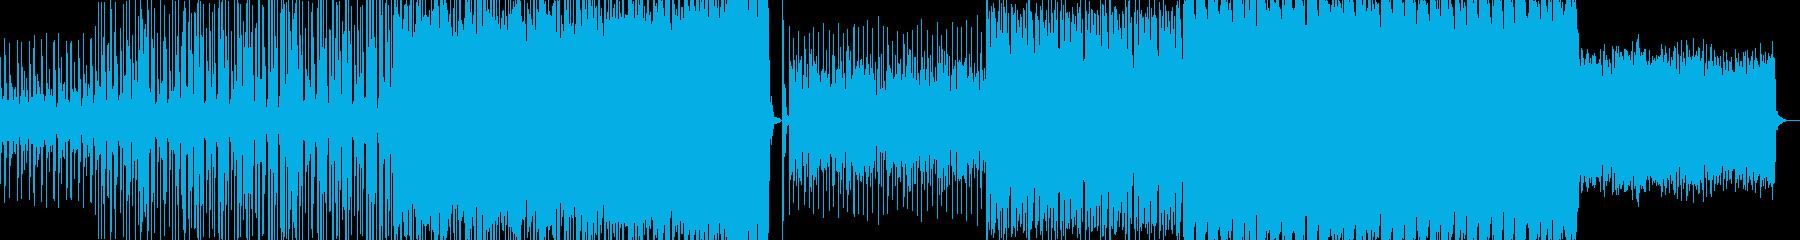 落ち着いた雰囲気のEDMサウンドの再生済みの波形